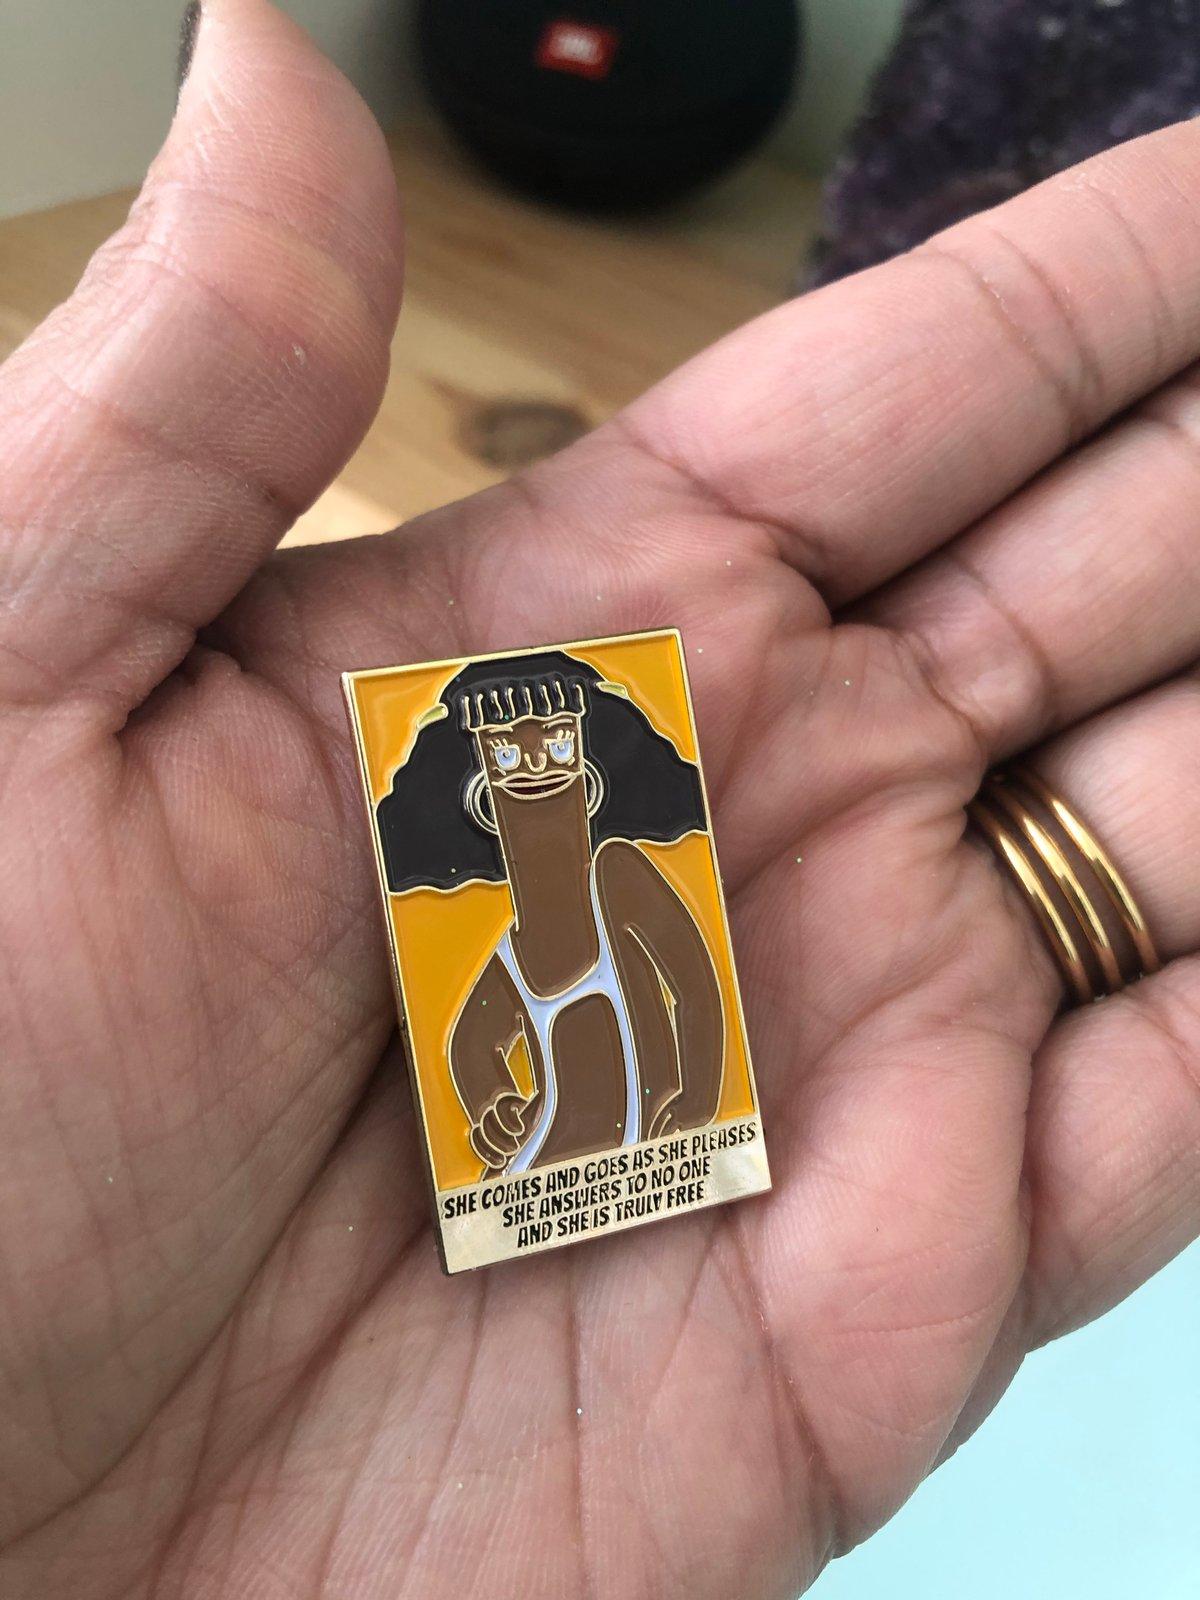 Image of BOB'S BURGERS PINS